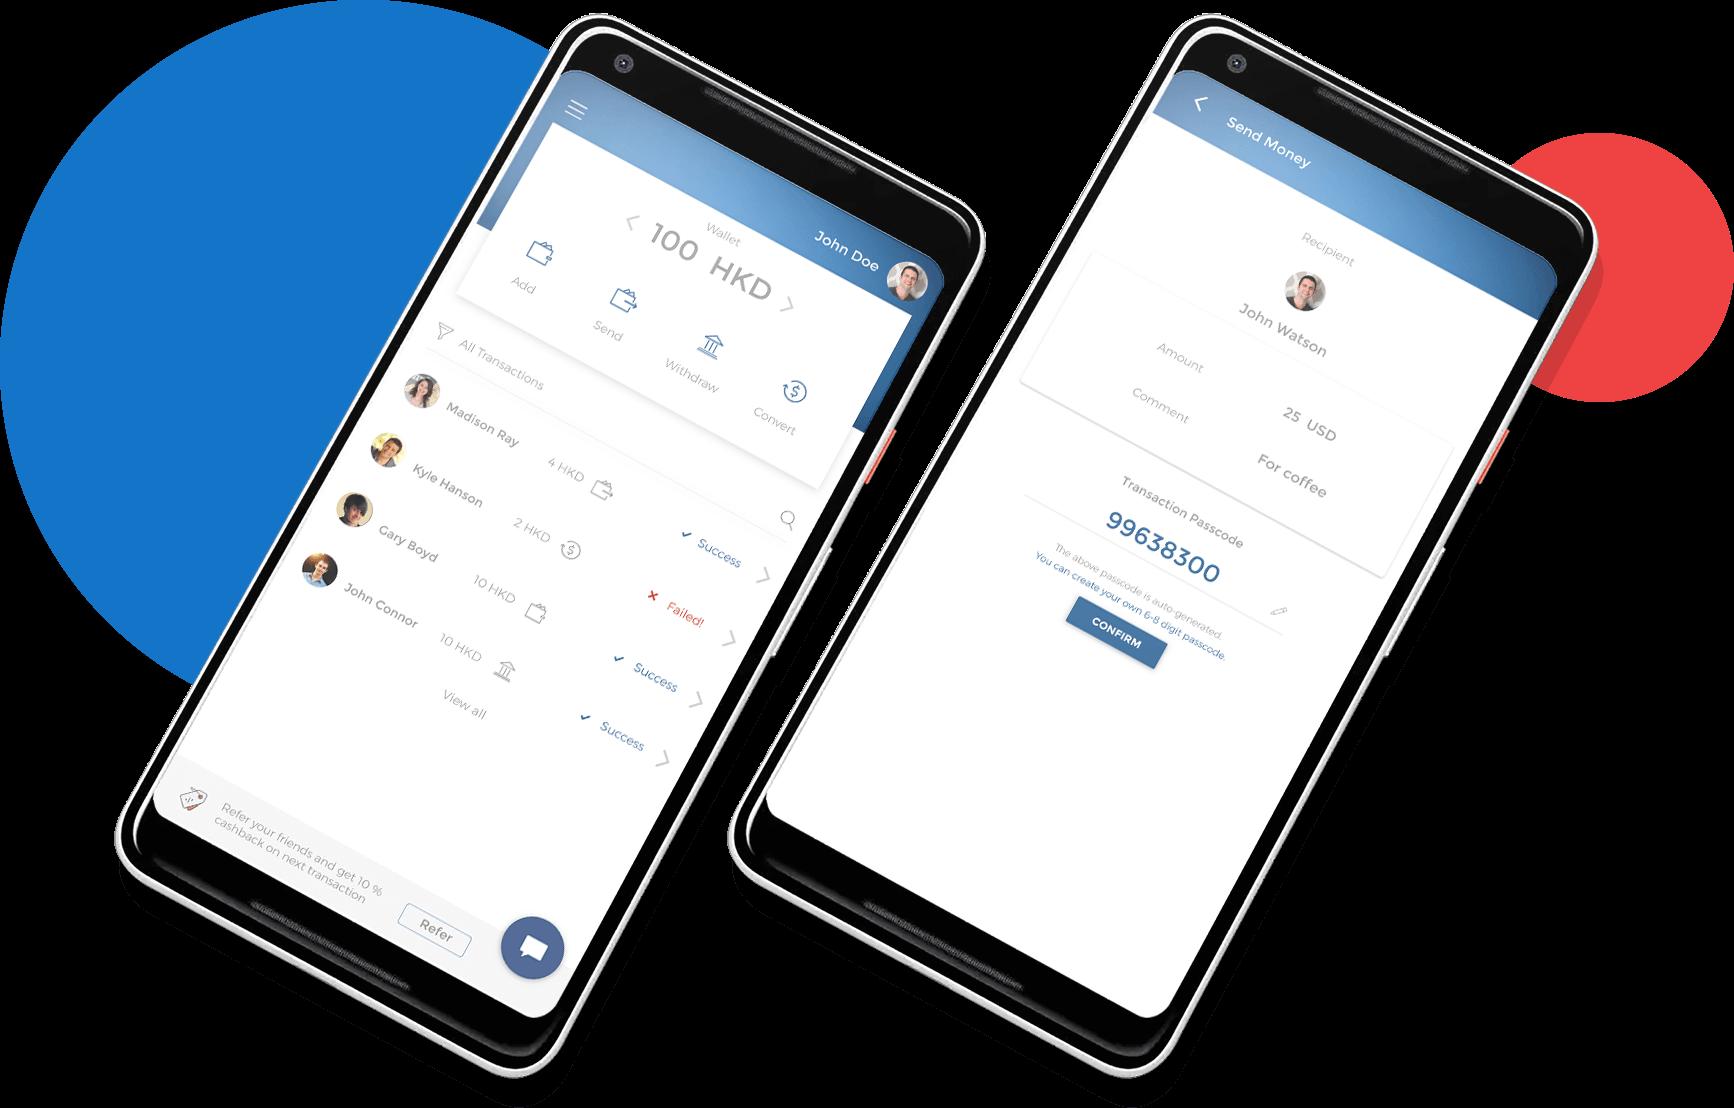 Smart Exchange Screens